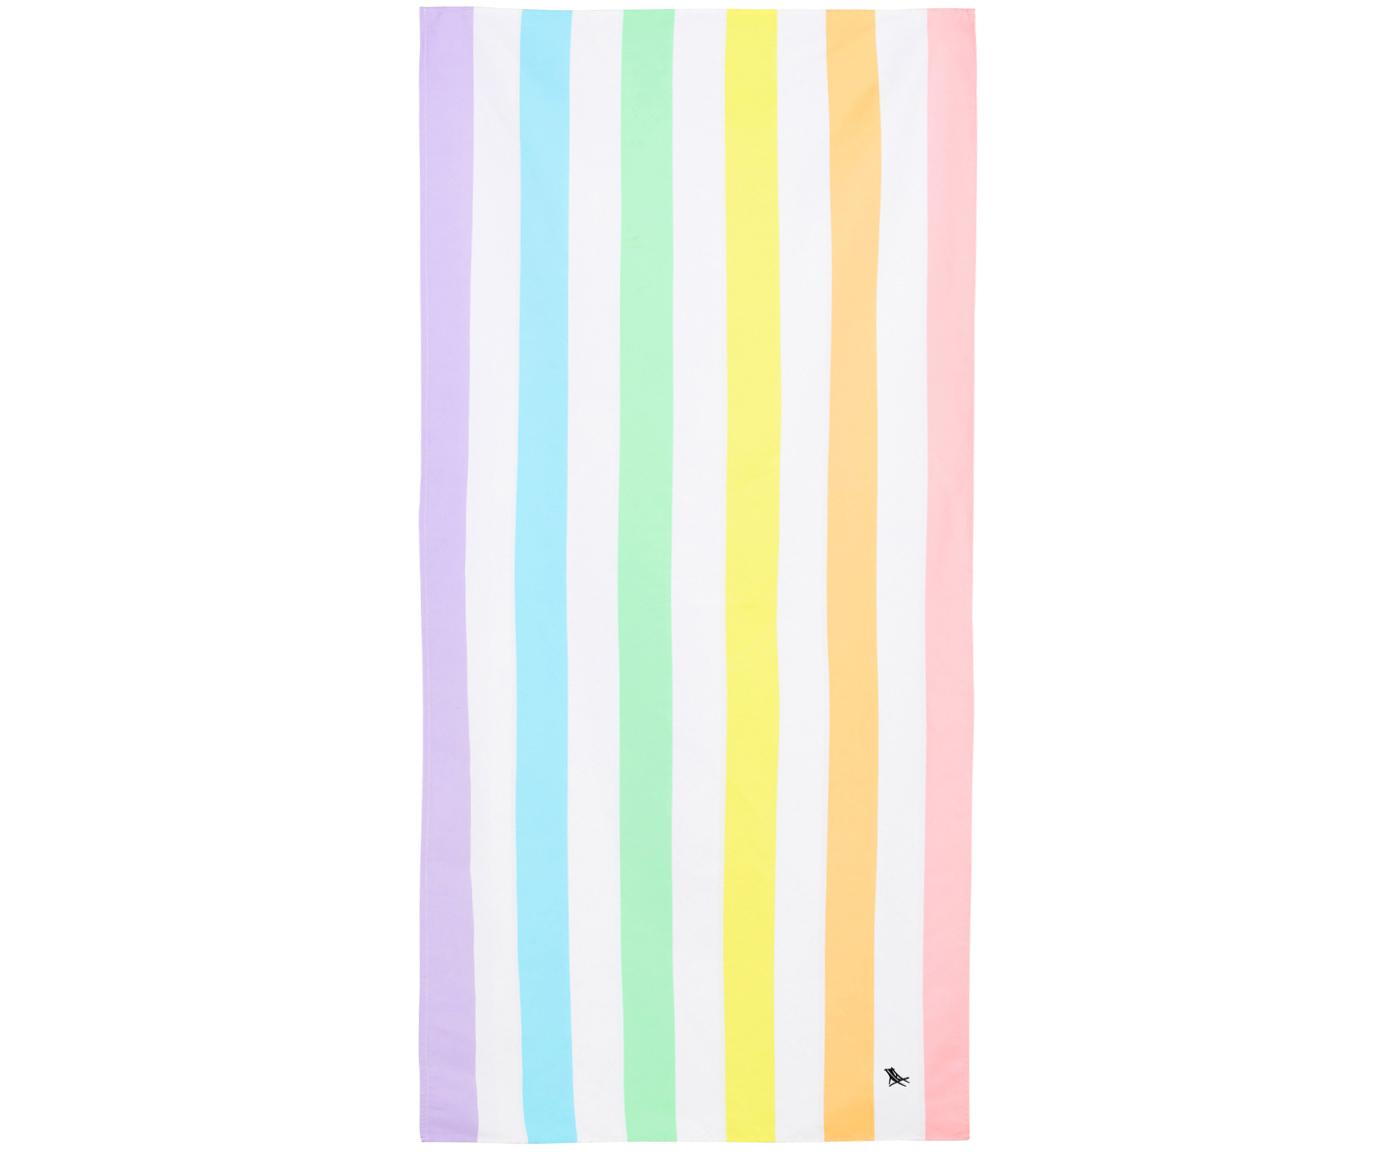 Microfaser-Strandtuch Summer, schnell trocknend, Microfaser (80% Polyester, 20% Polyamid), Mehrfarbig, Weiß, 90 x 200 cm